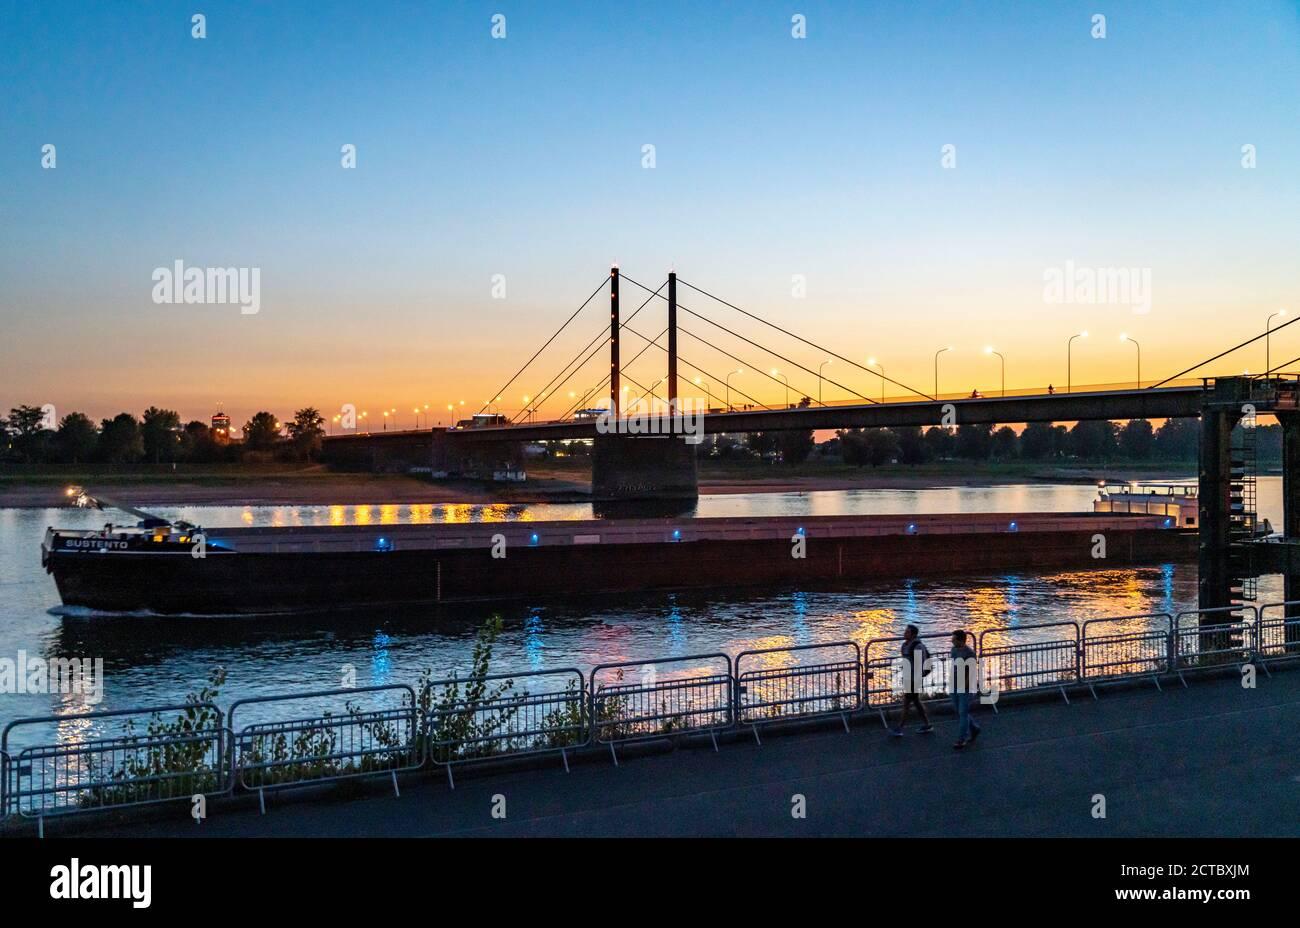 Horizonte de Düsseldorf en el Rin, puente Theodor Heuss, puesta de sol, Düsseldorf, NRW, Alemania, Foto de stock